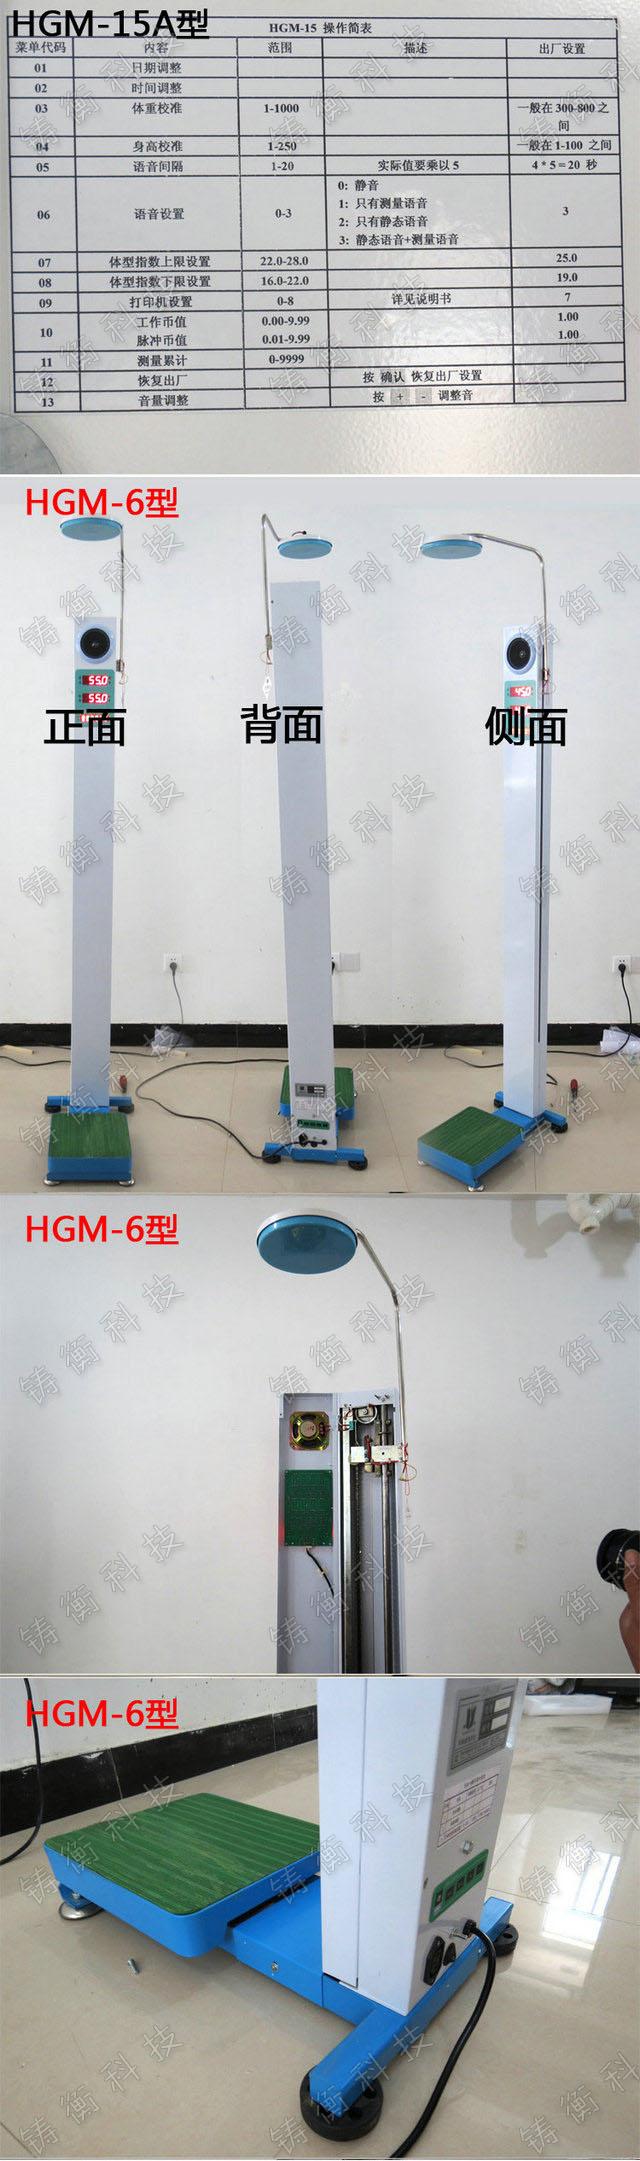 超声波体重测量仪